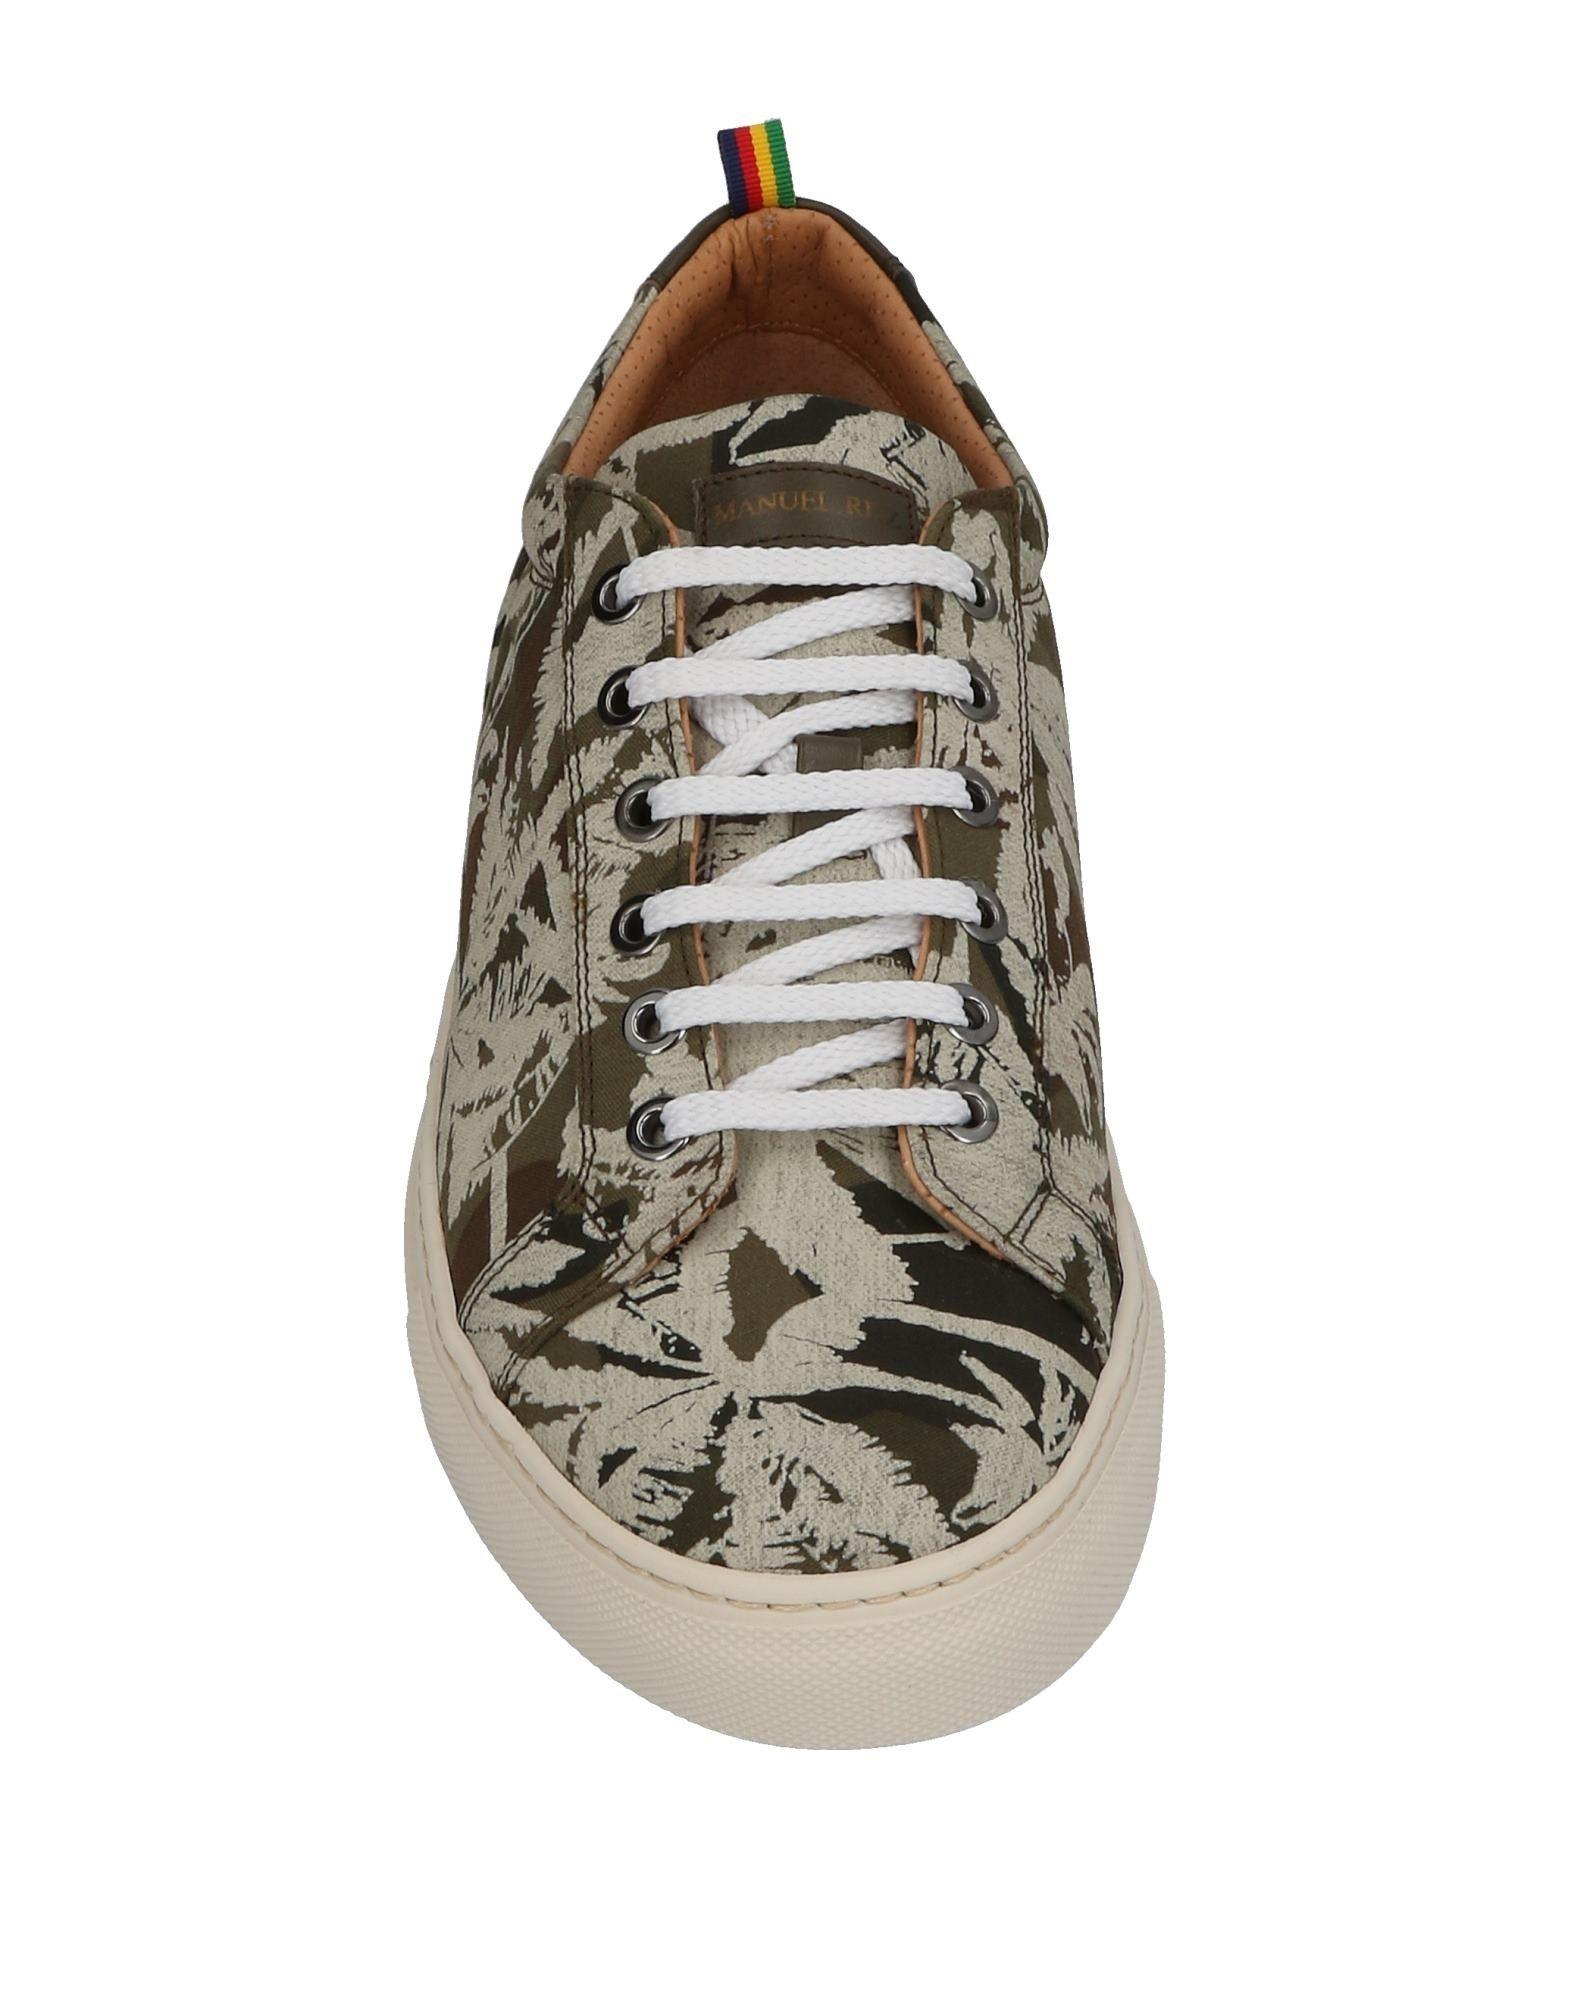 Rabatt Ritz echte Schuhe Manuel Ritz Rabatt Sneakers Herren  11386855RV cb20b7